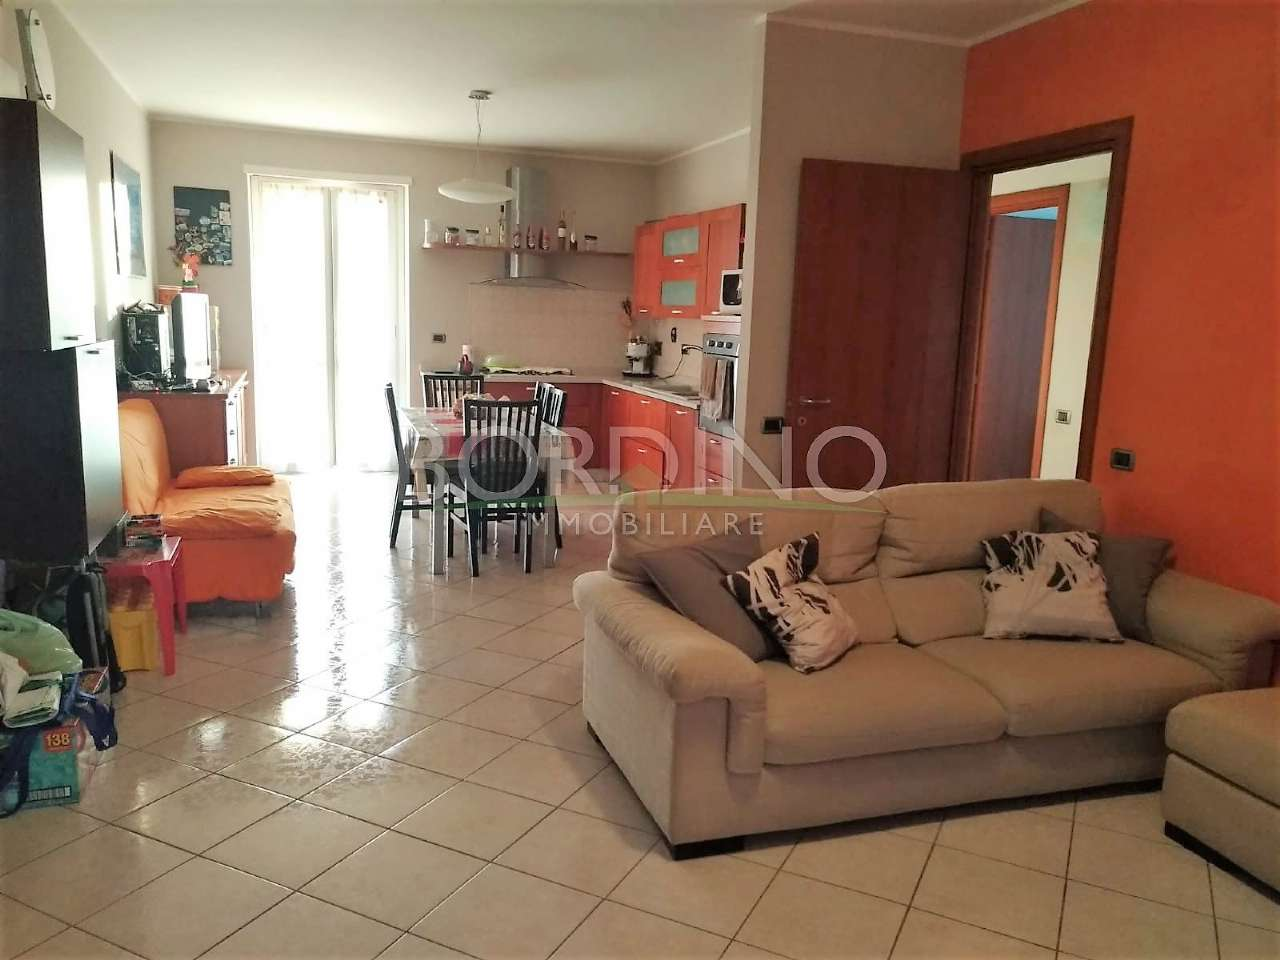 Appartamento in vendita a Govone, 4 locali, prezzo € 150.000   PortaleAgenzieImmobiliari.it